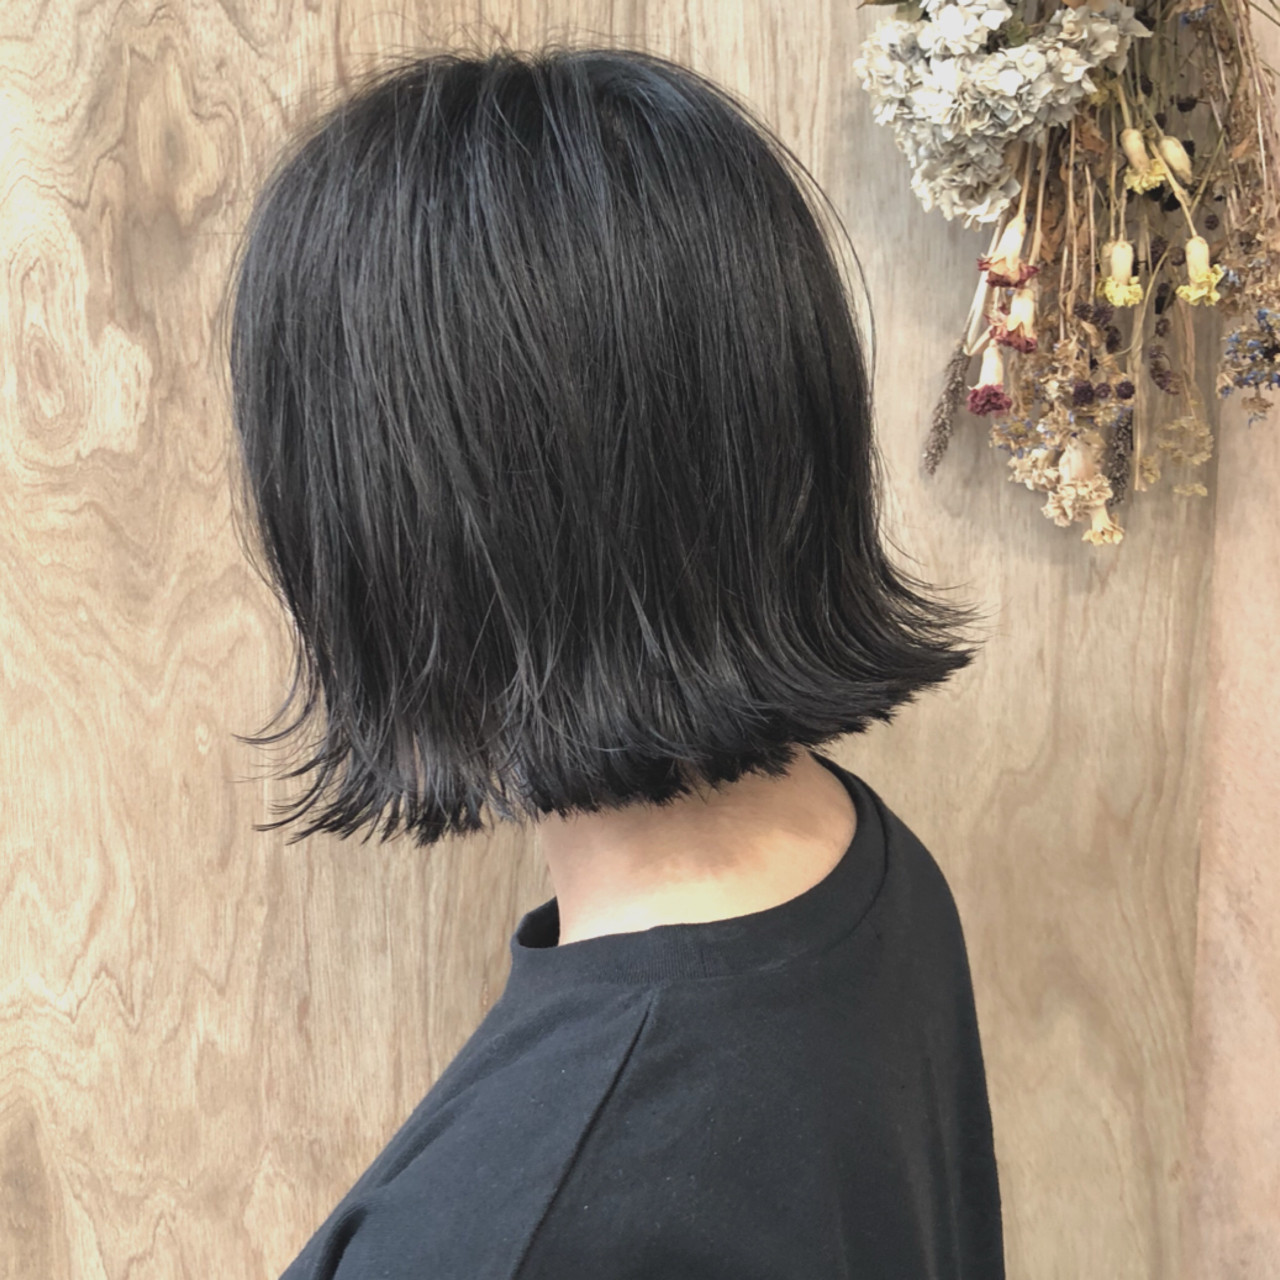 ナチュラルな黒髪ボブを外ハネで今風に 松井勇樹  TWiGGY 歩行町店